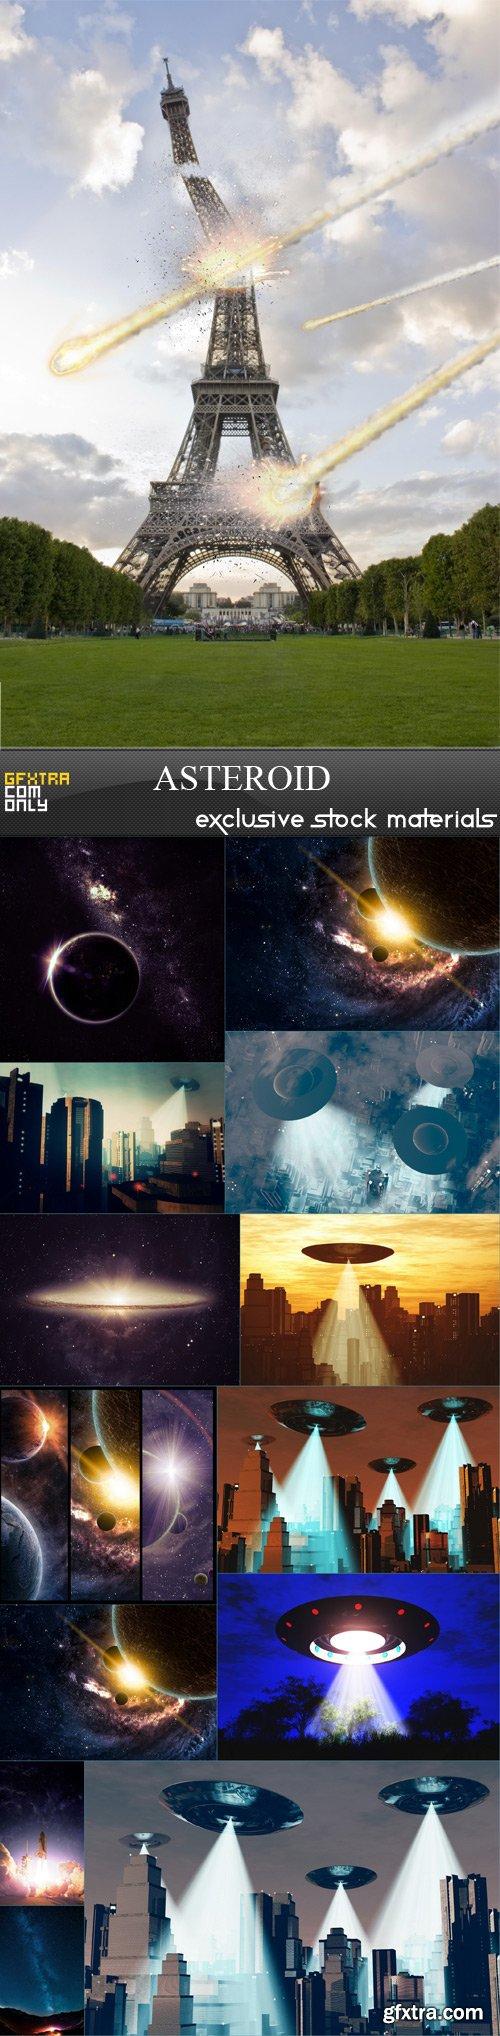 Asteroid - 11 JPEG